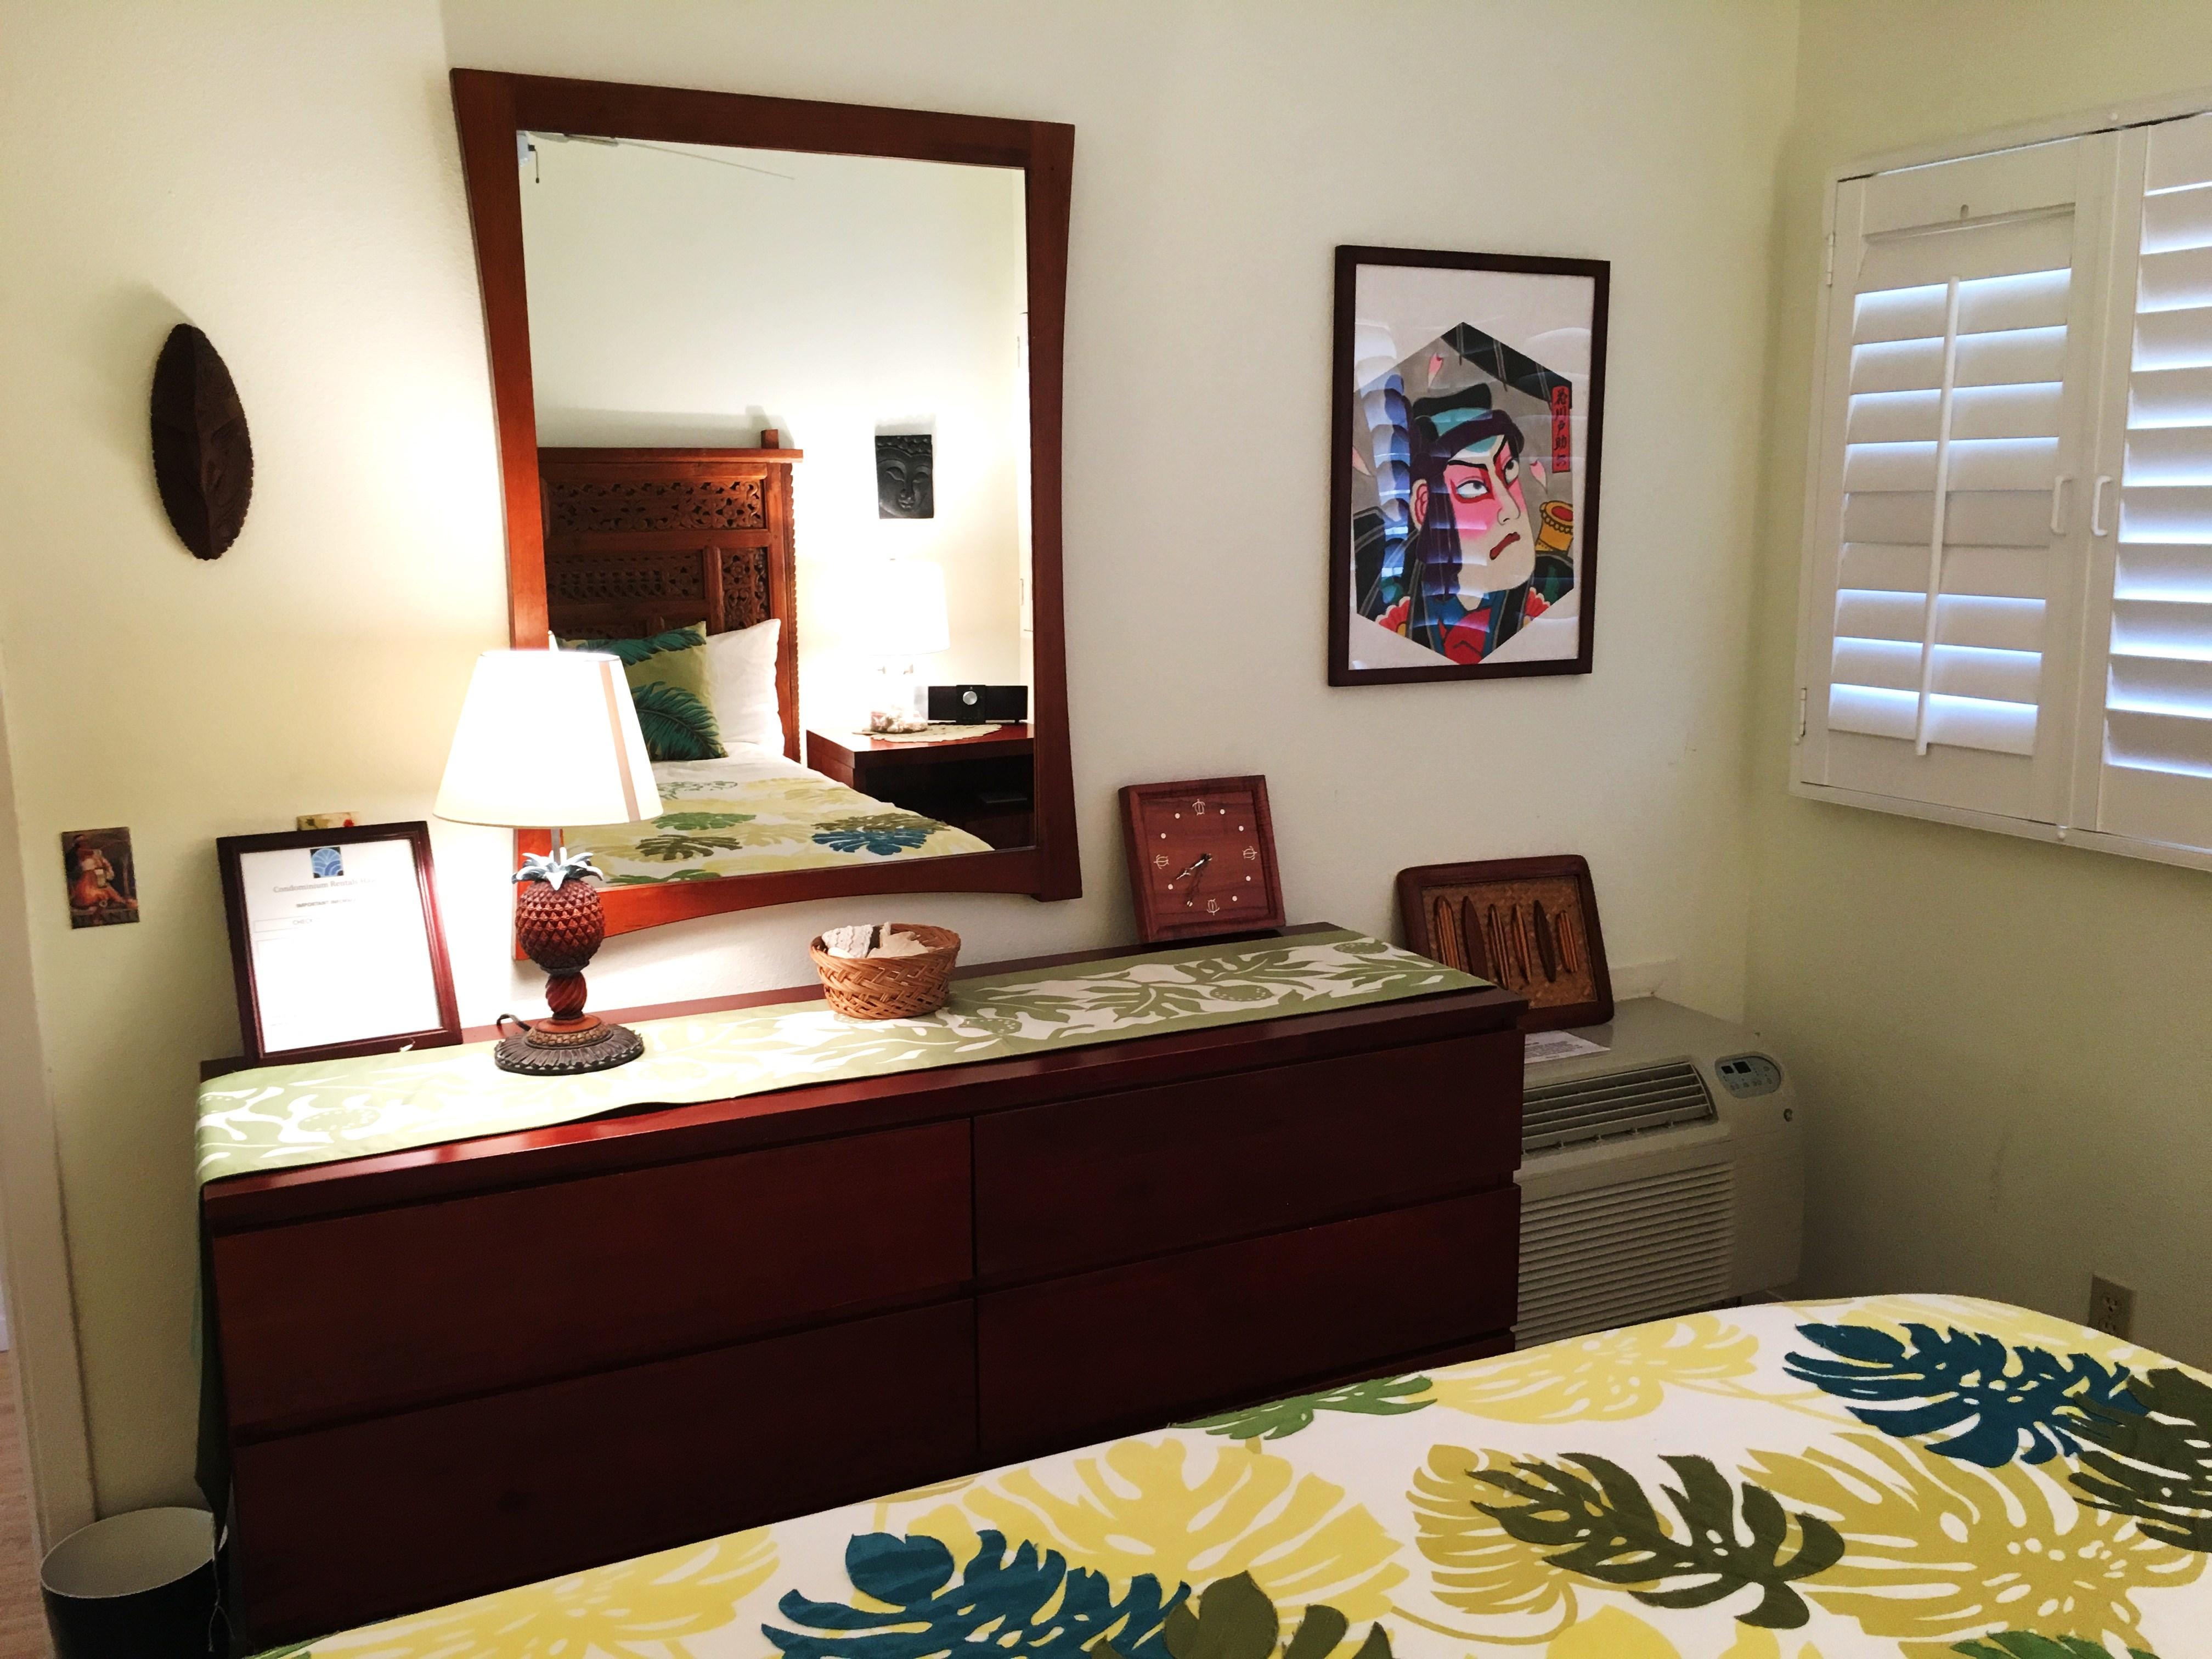 Wailua Bay condo 206 bedroom